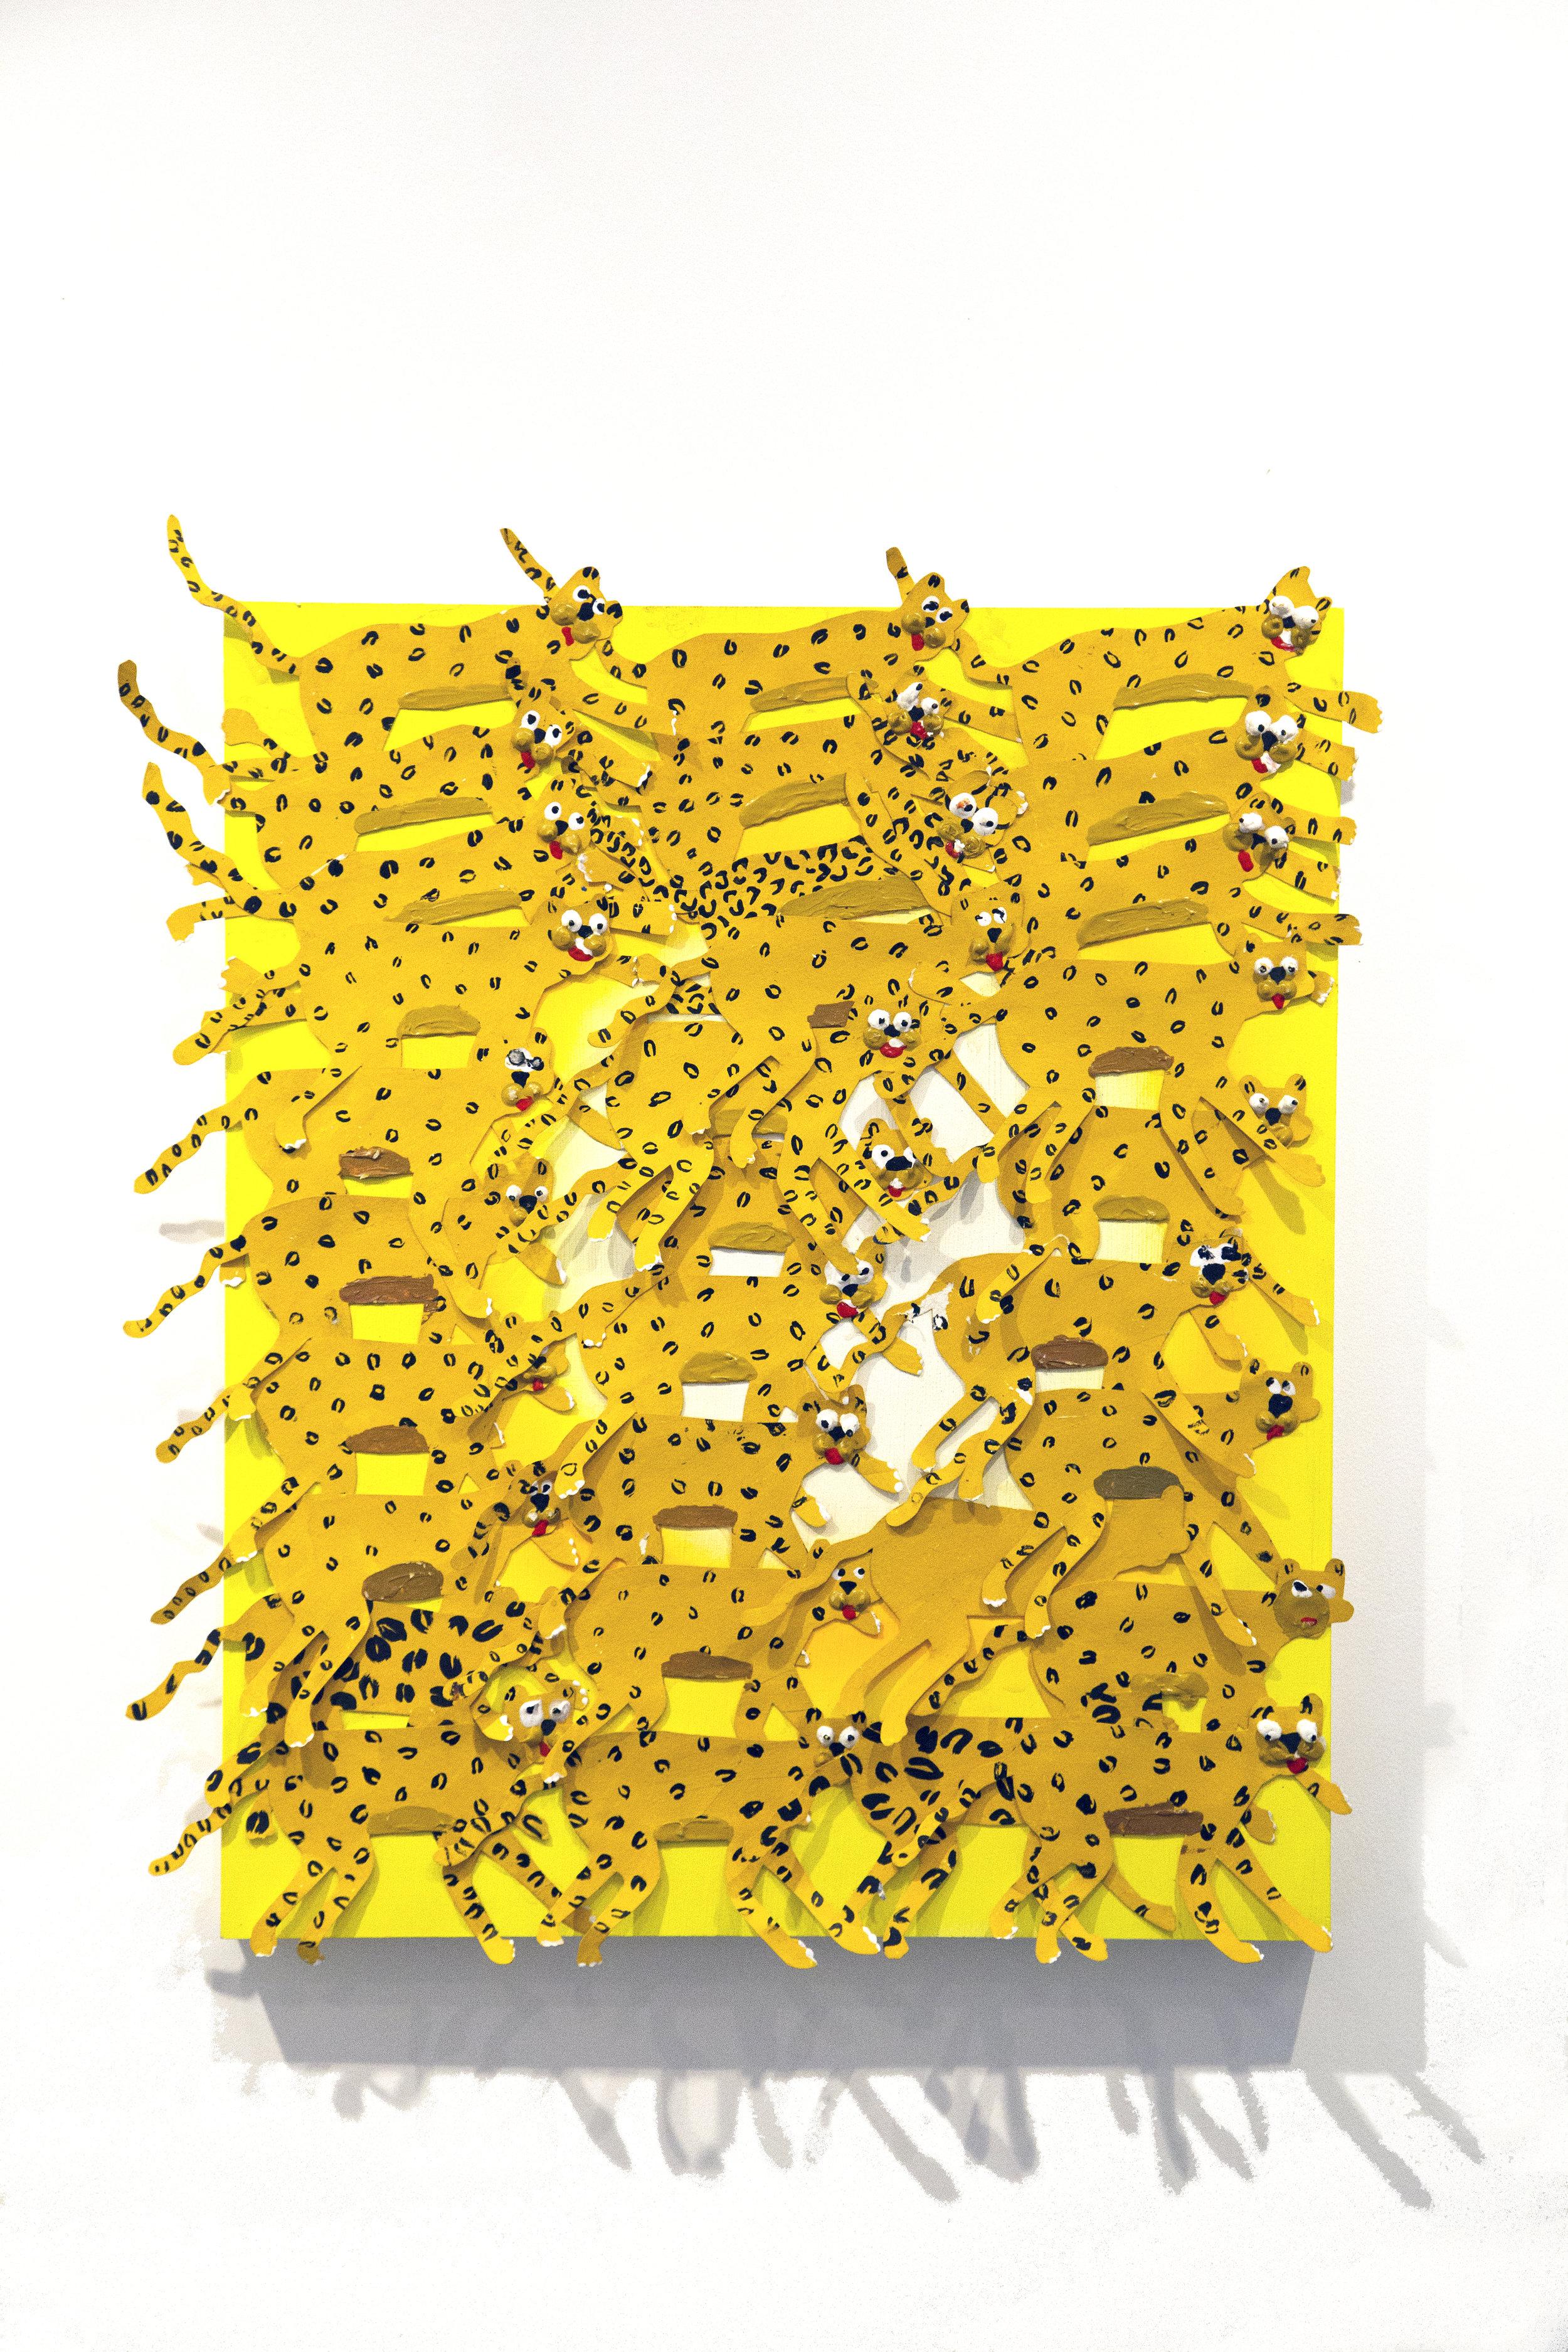 Devin Troy Strother artwork